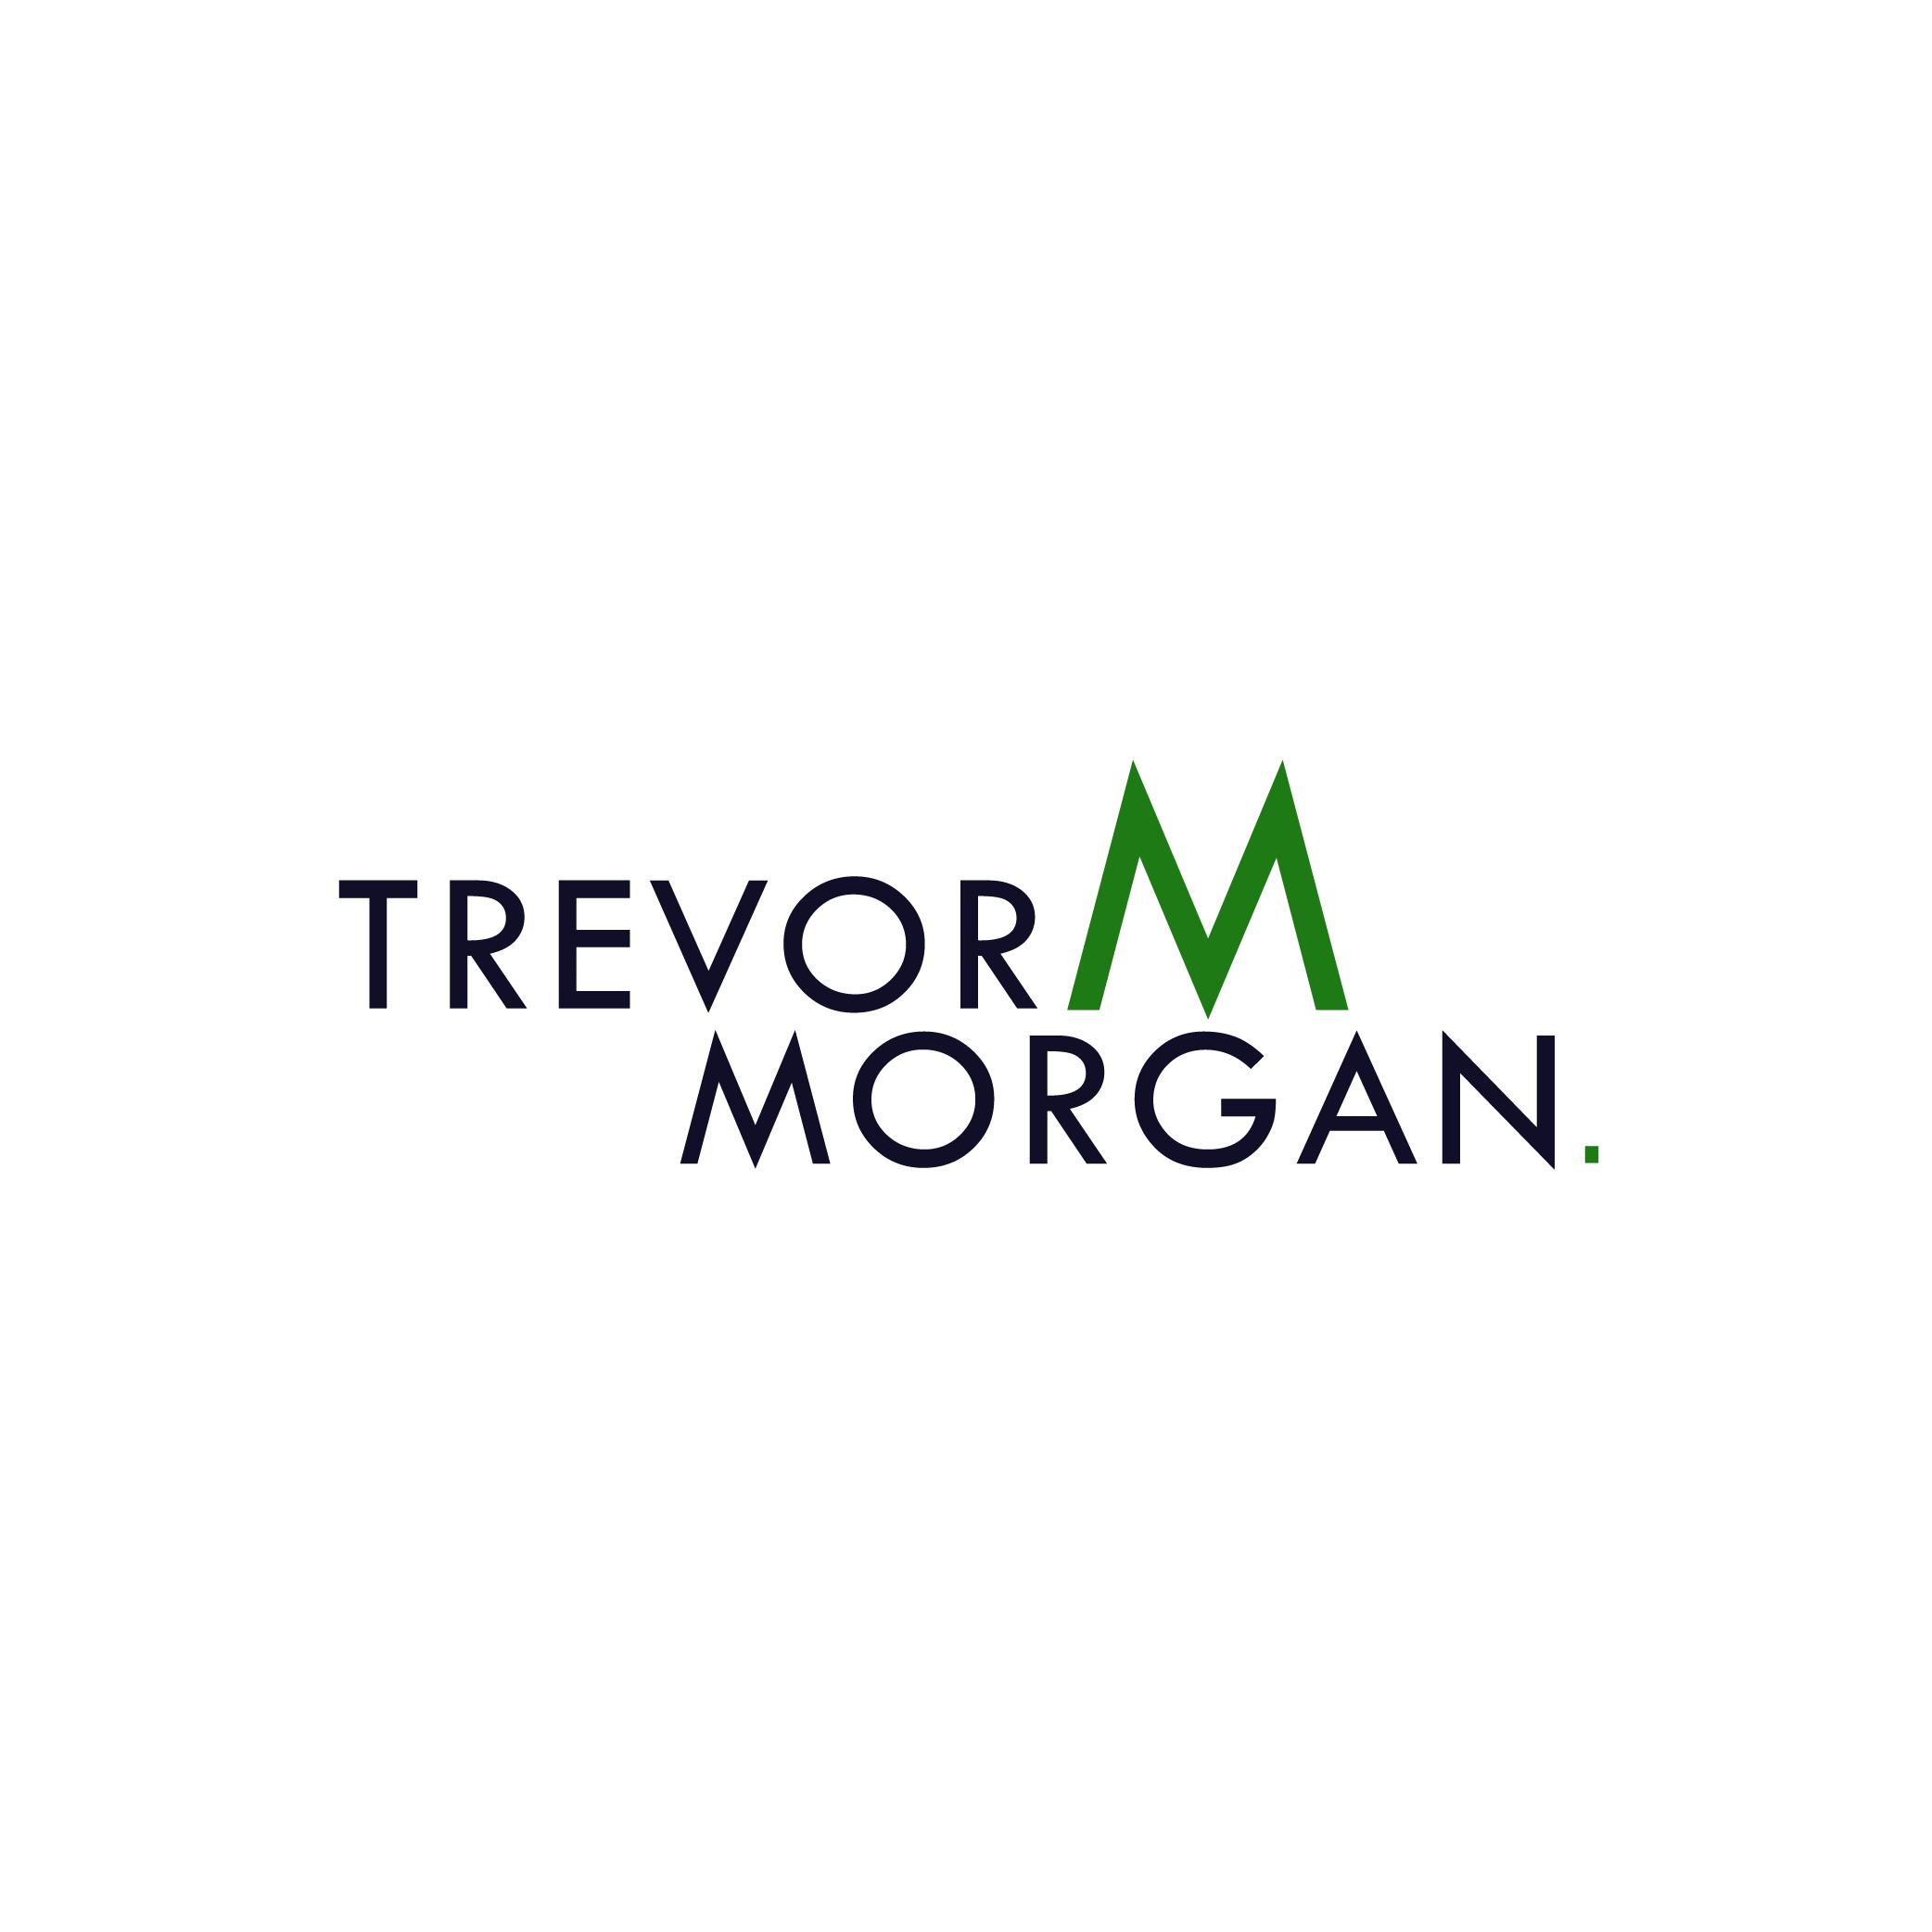 Trevor M Morgan logo-01.jpg